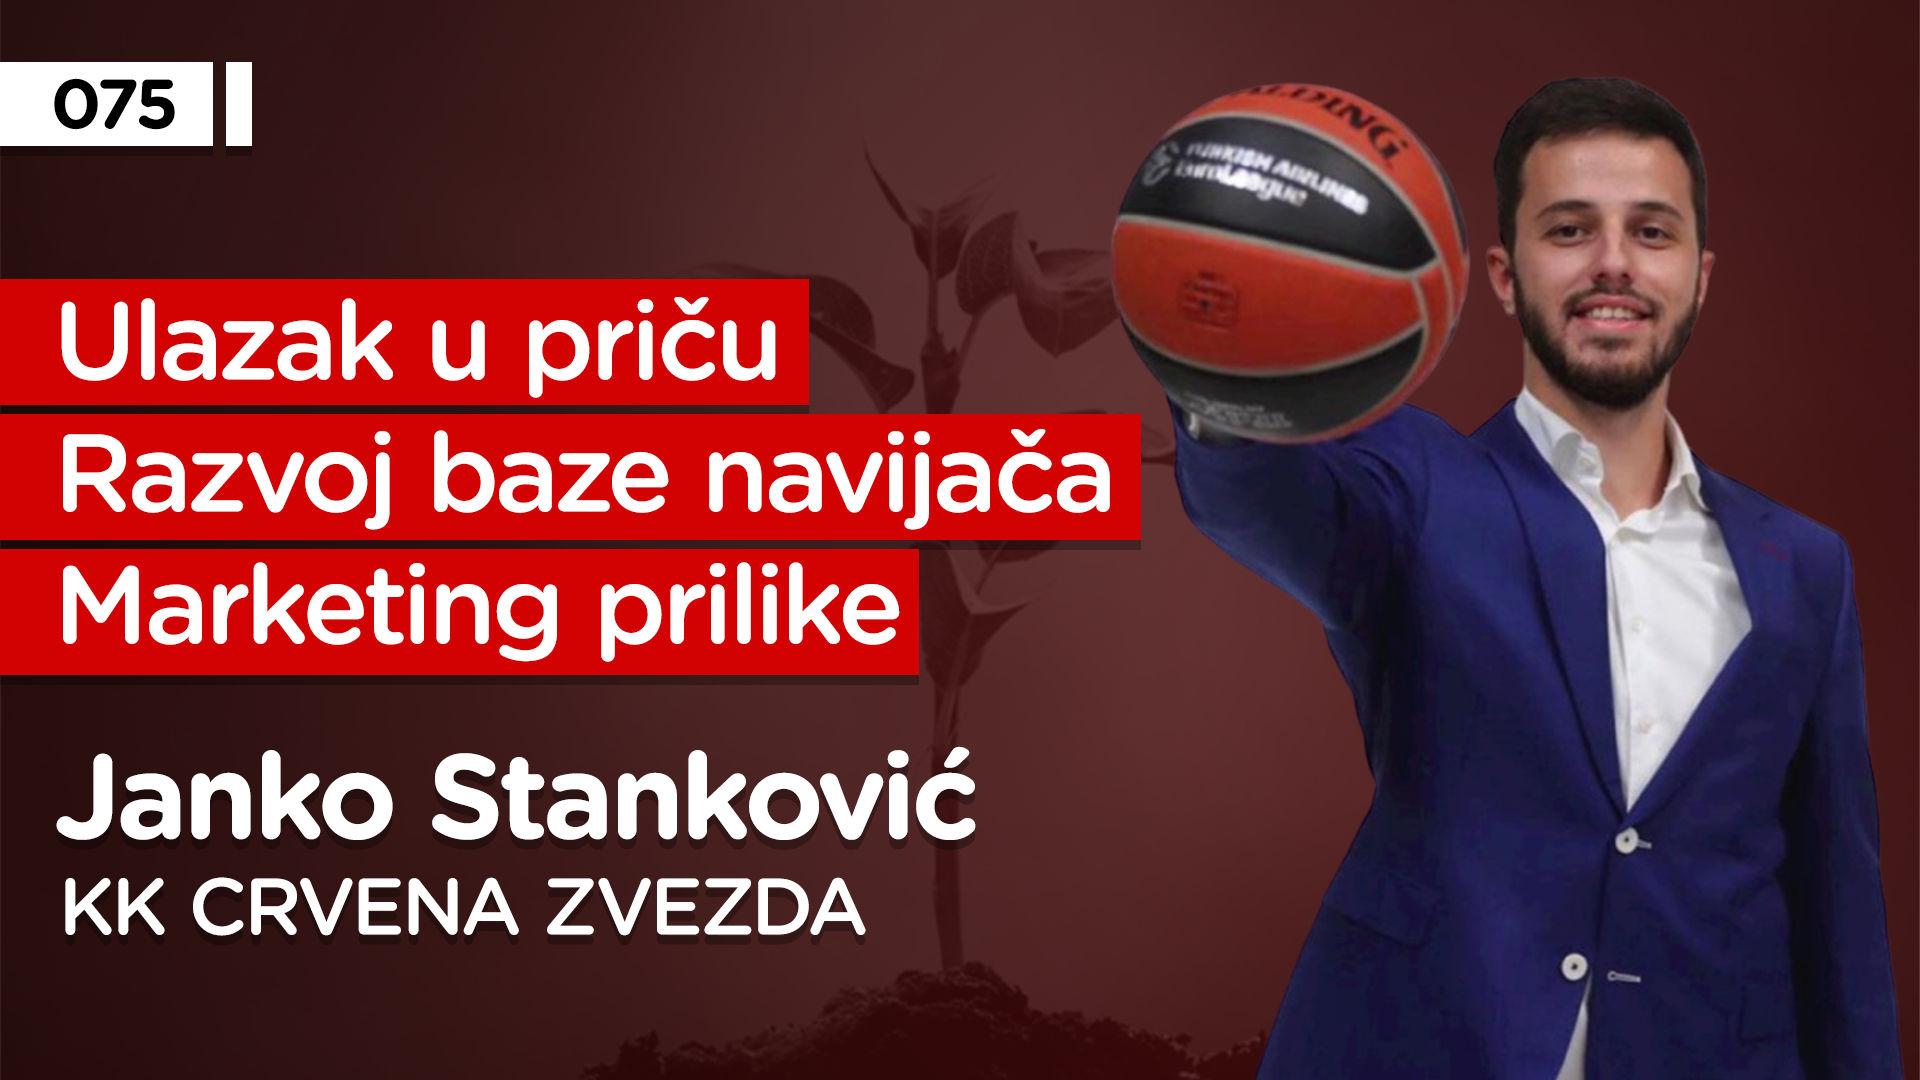 EP075: Janko Stanković